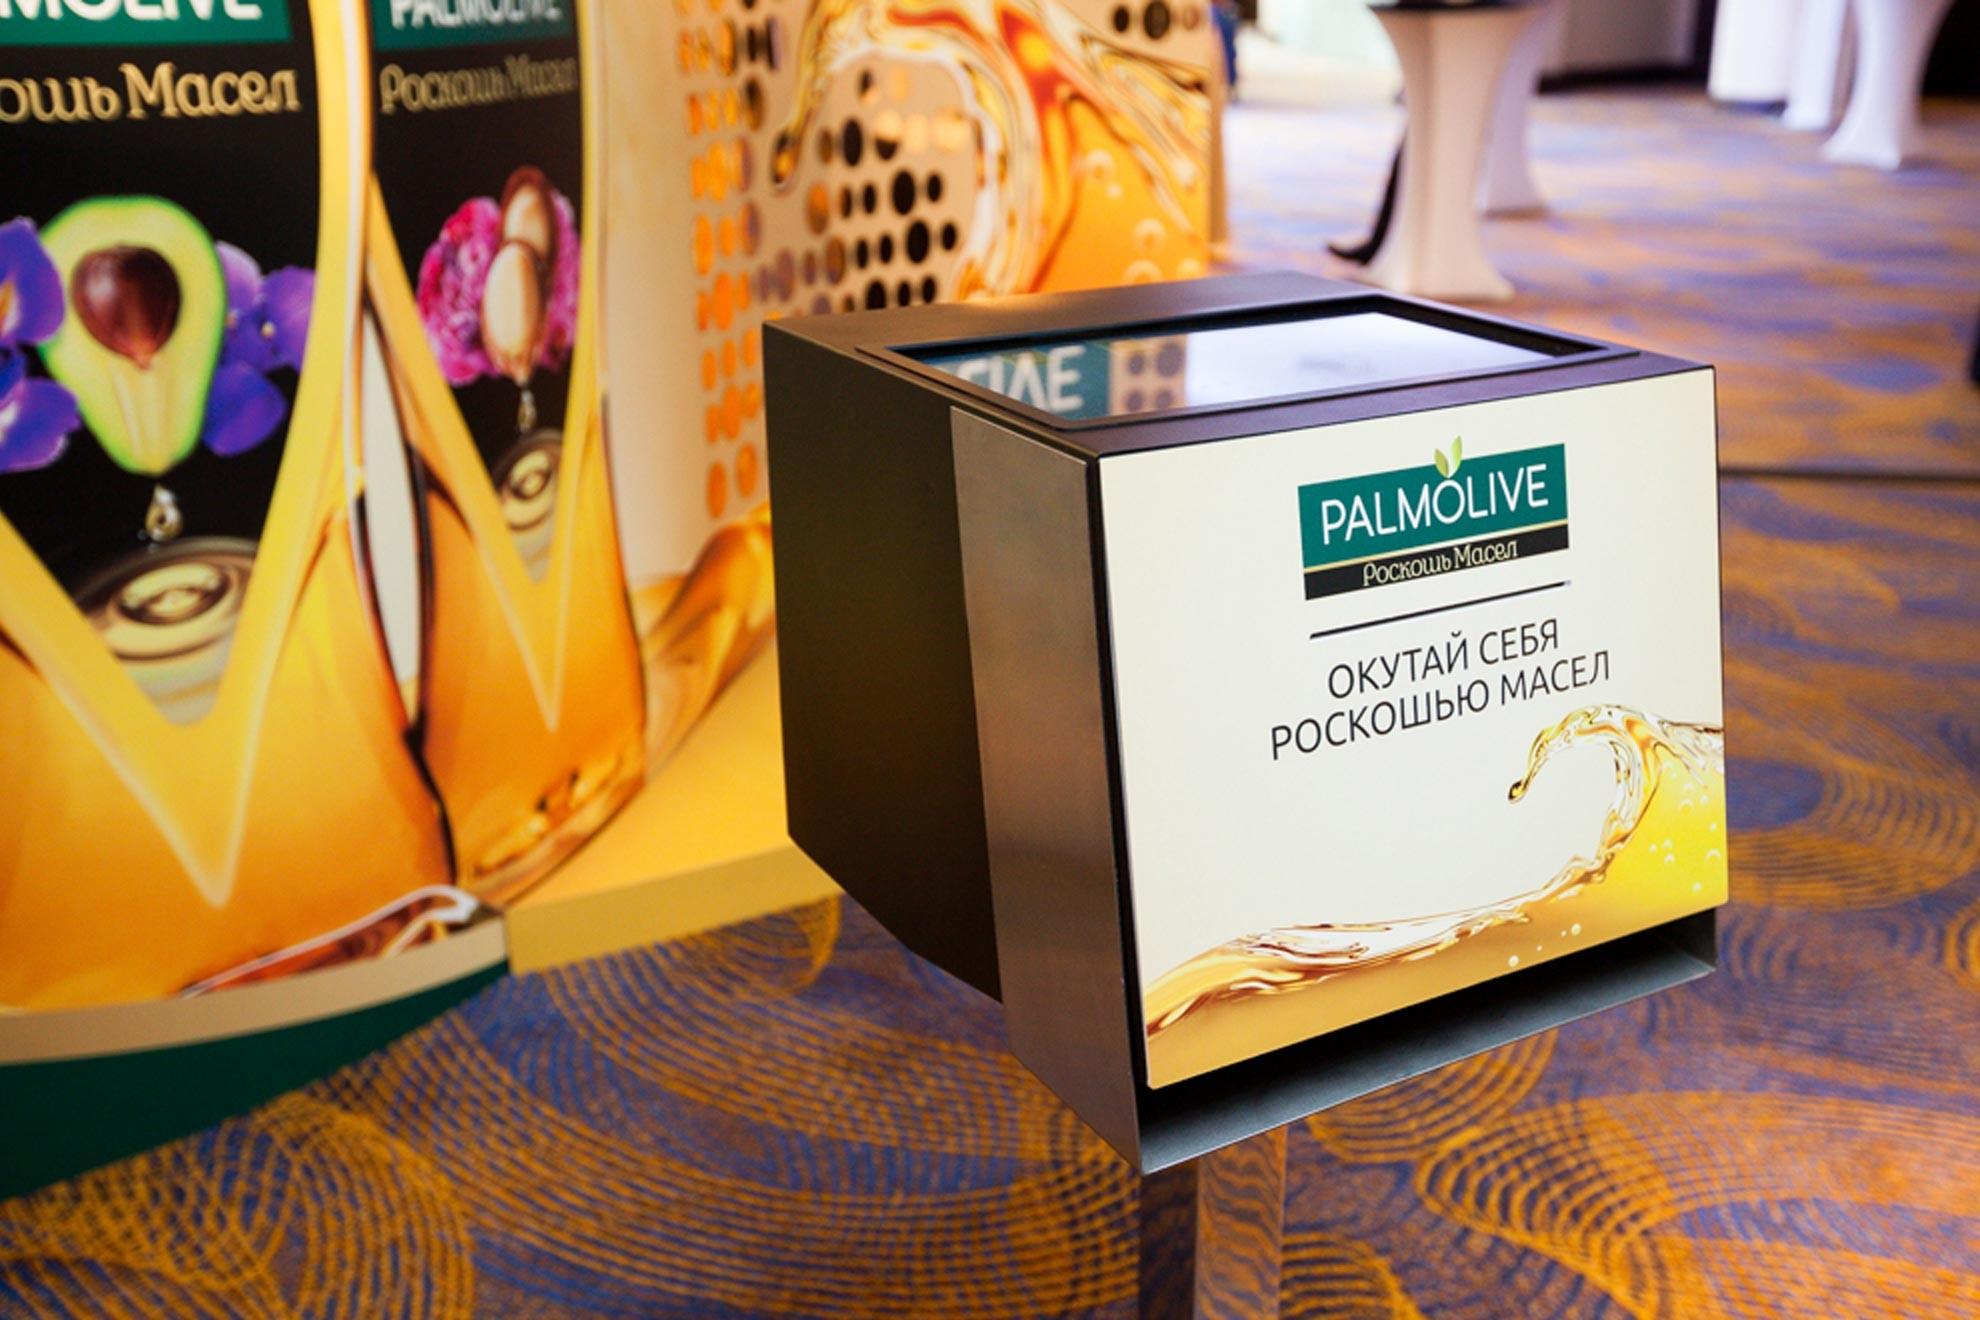 PALMOLIVE селфизеркало с интерактивным принтером